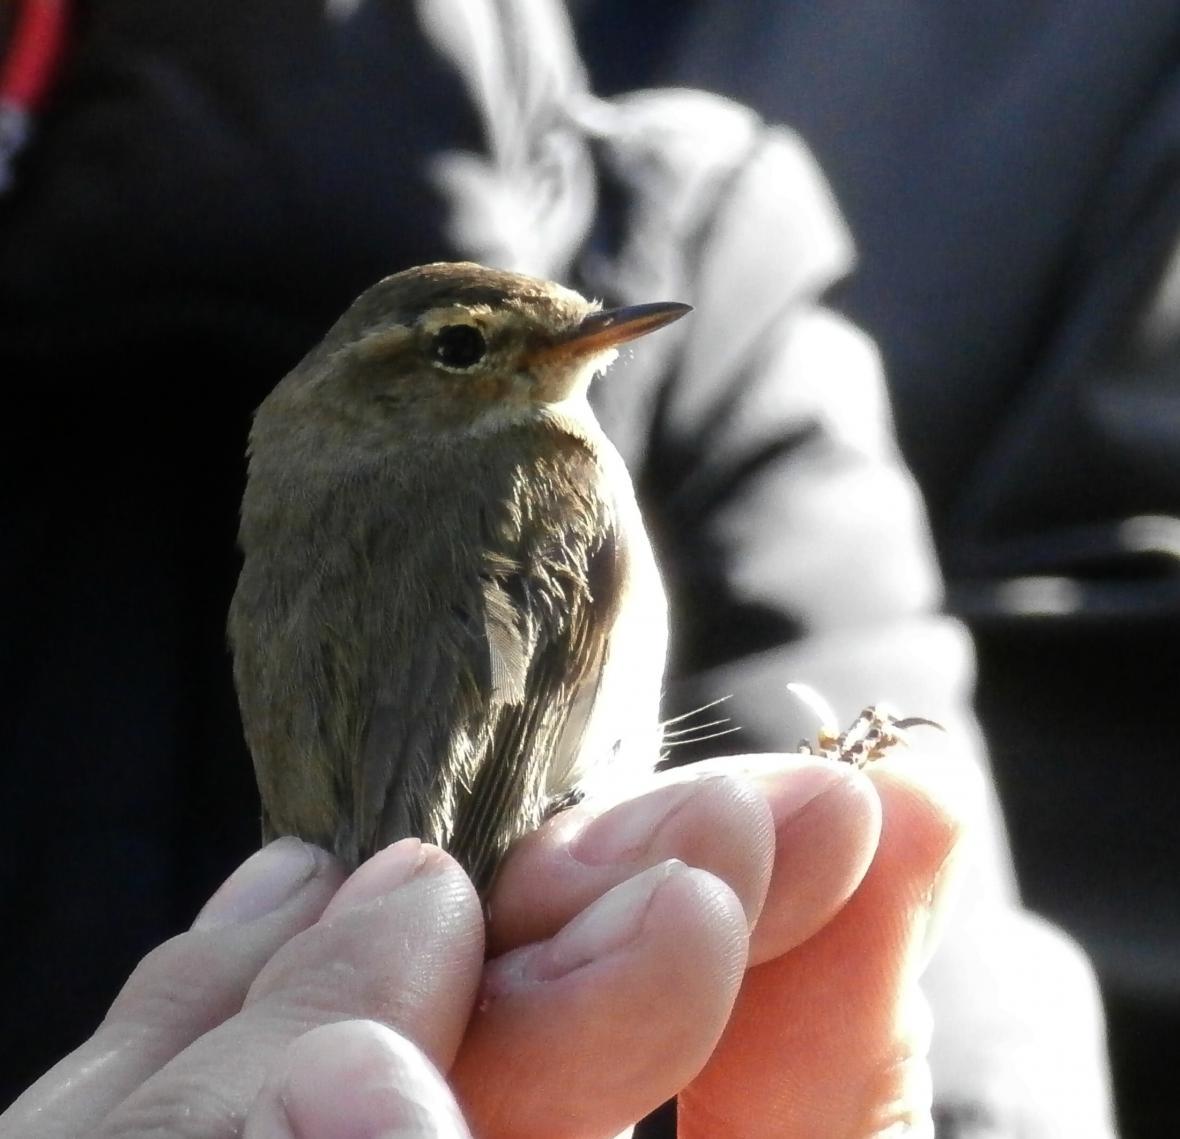 Vítání ptačího zpěvu - Koštice